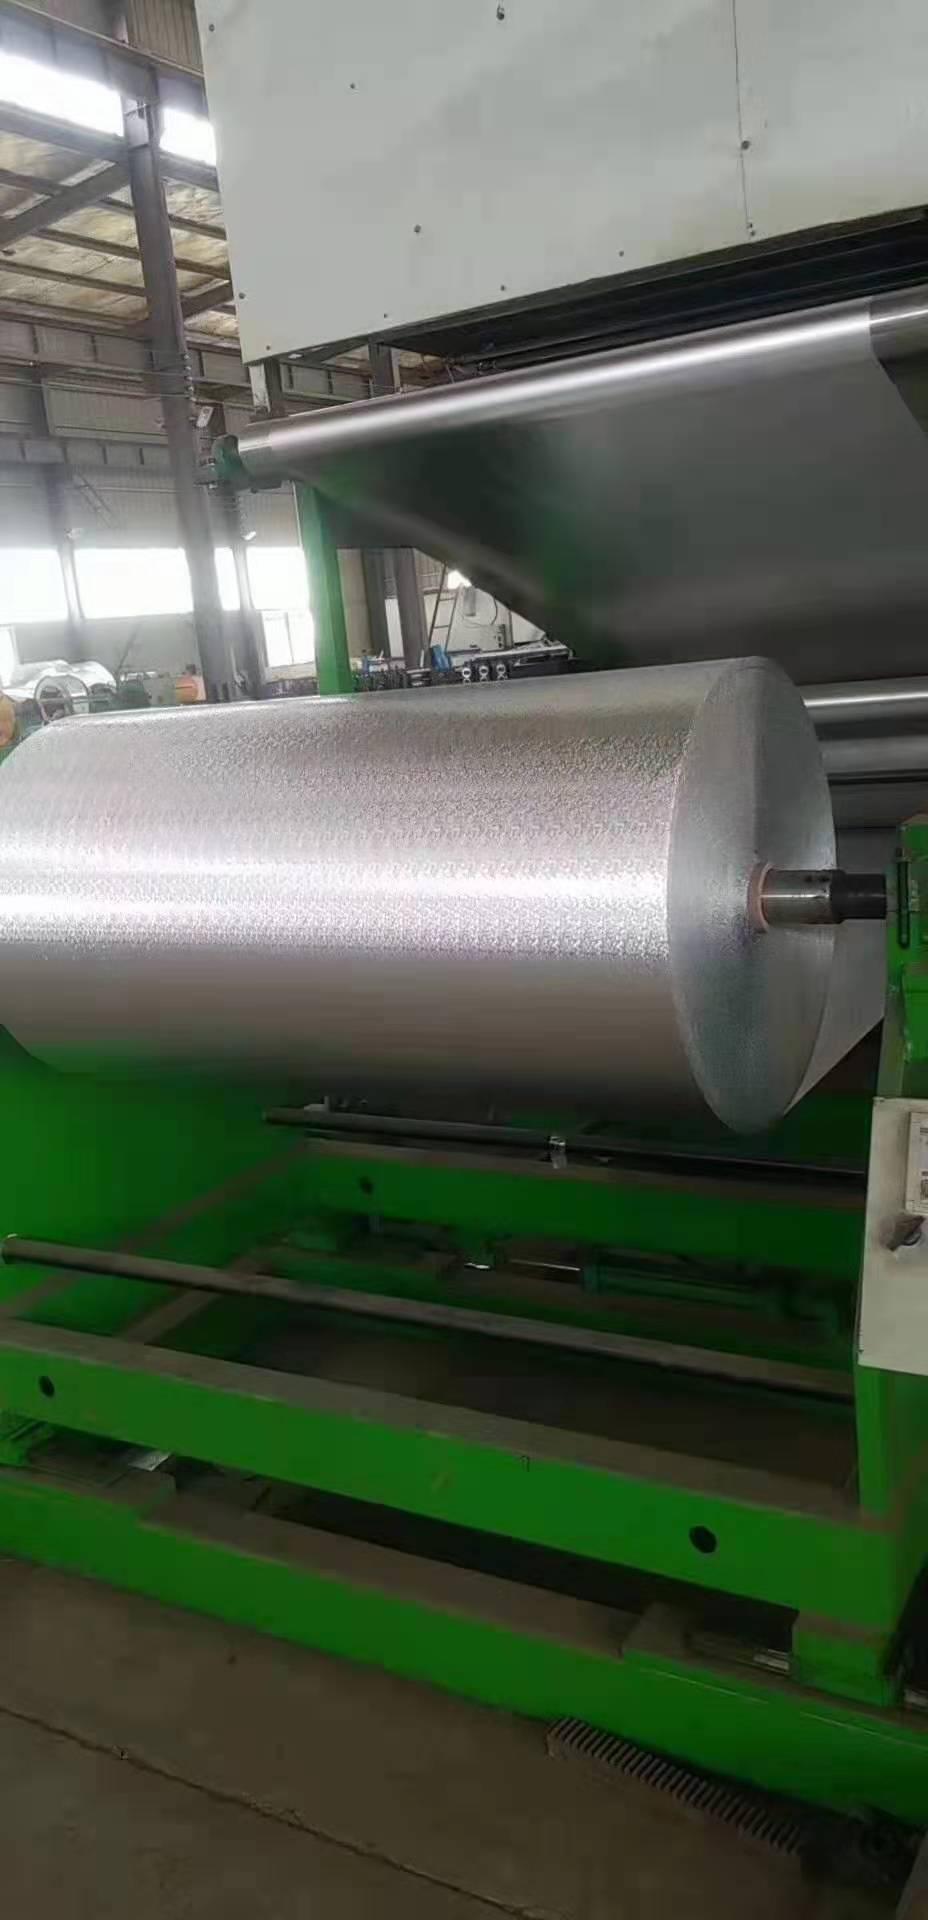 山东省德州市0.2mm保温铝卷管道彩涂铝卷板